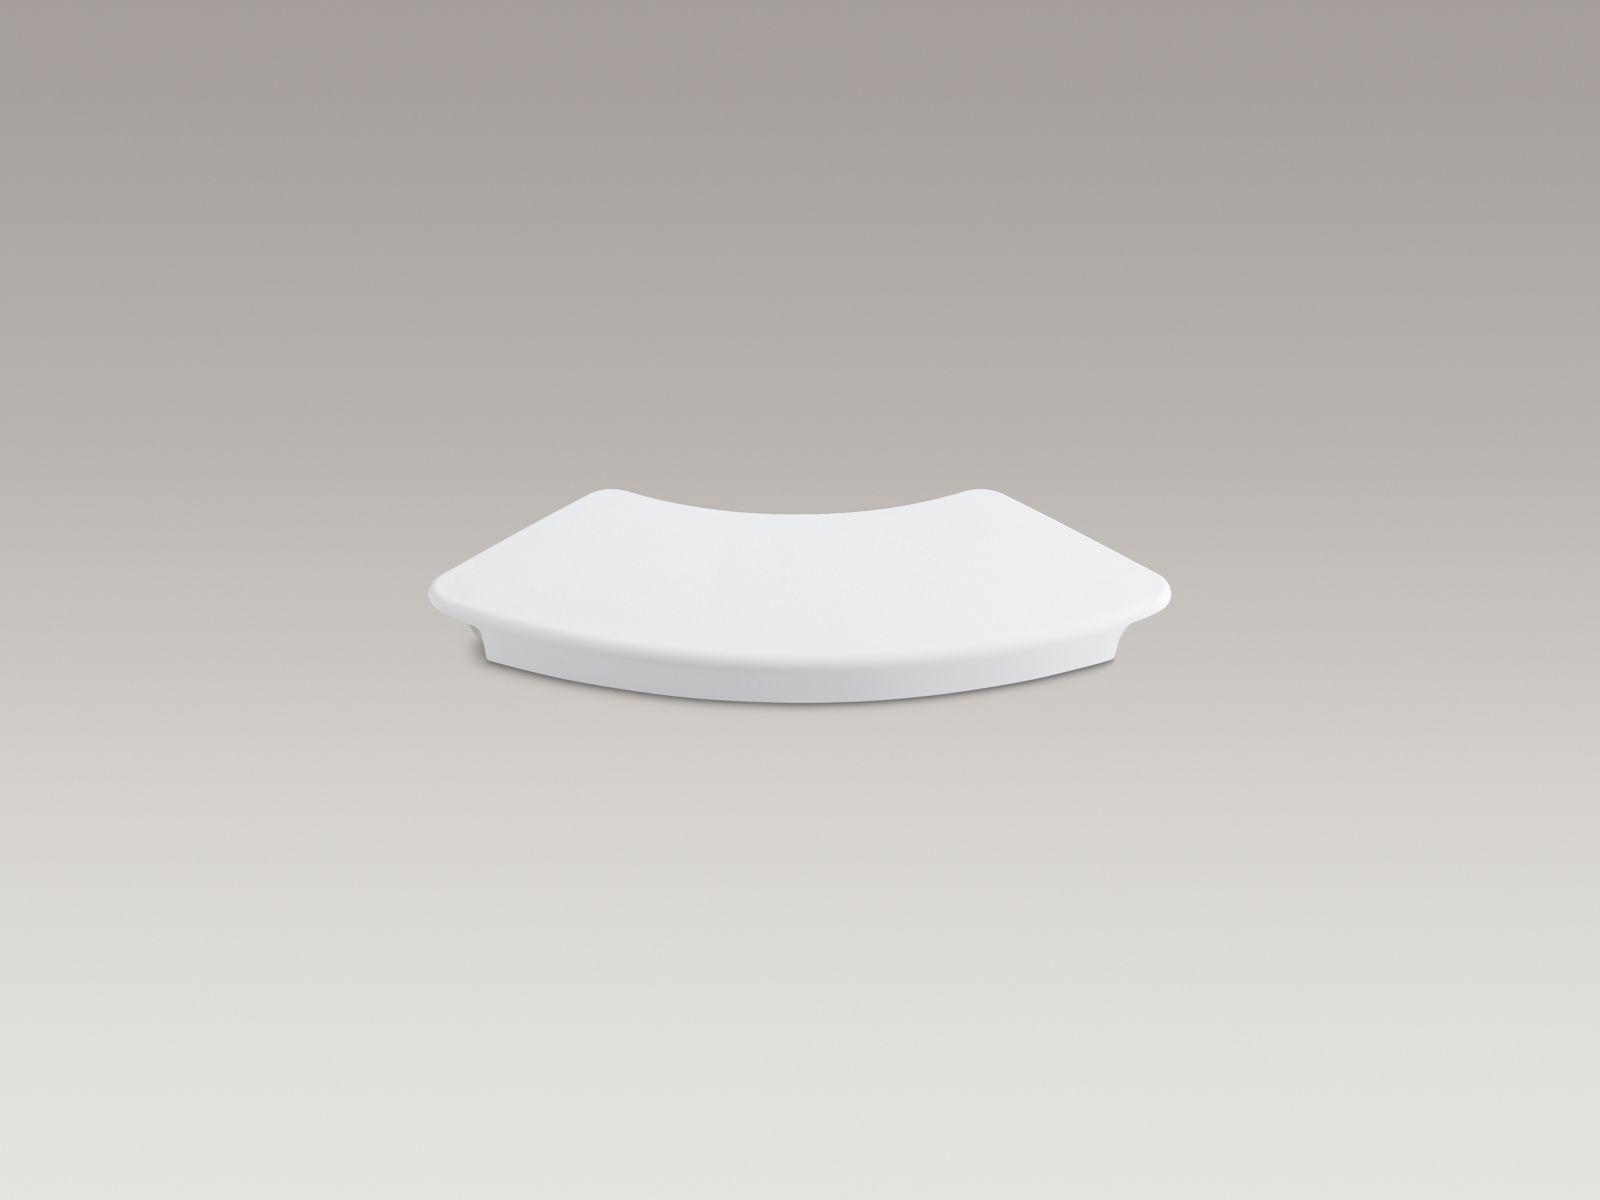 Kohler K-9499-0 Sonata Removable Shower Seat White